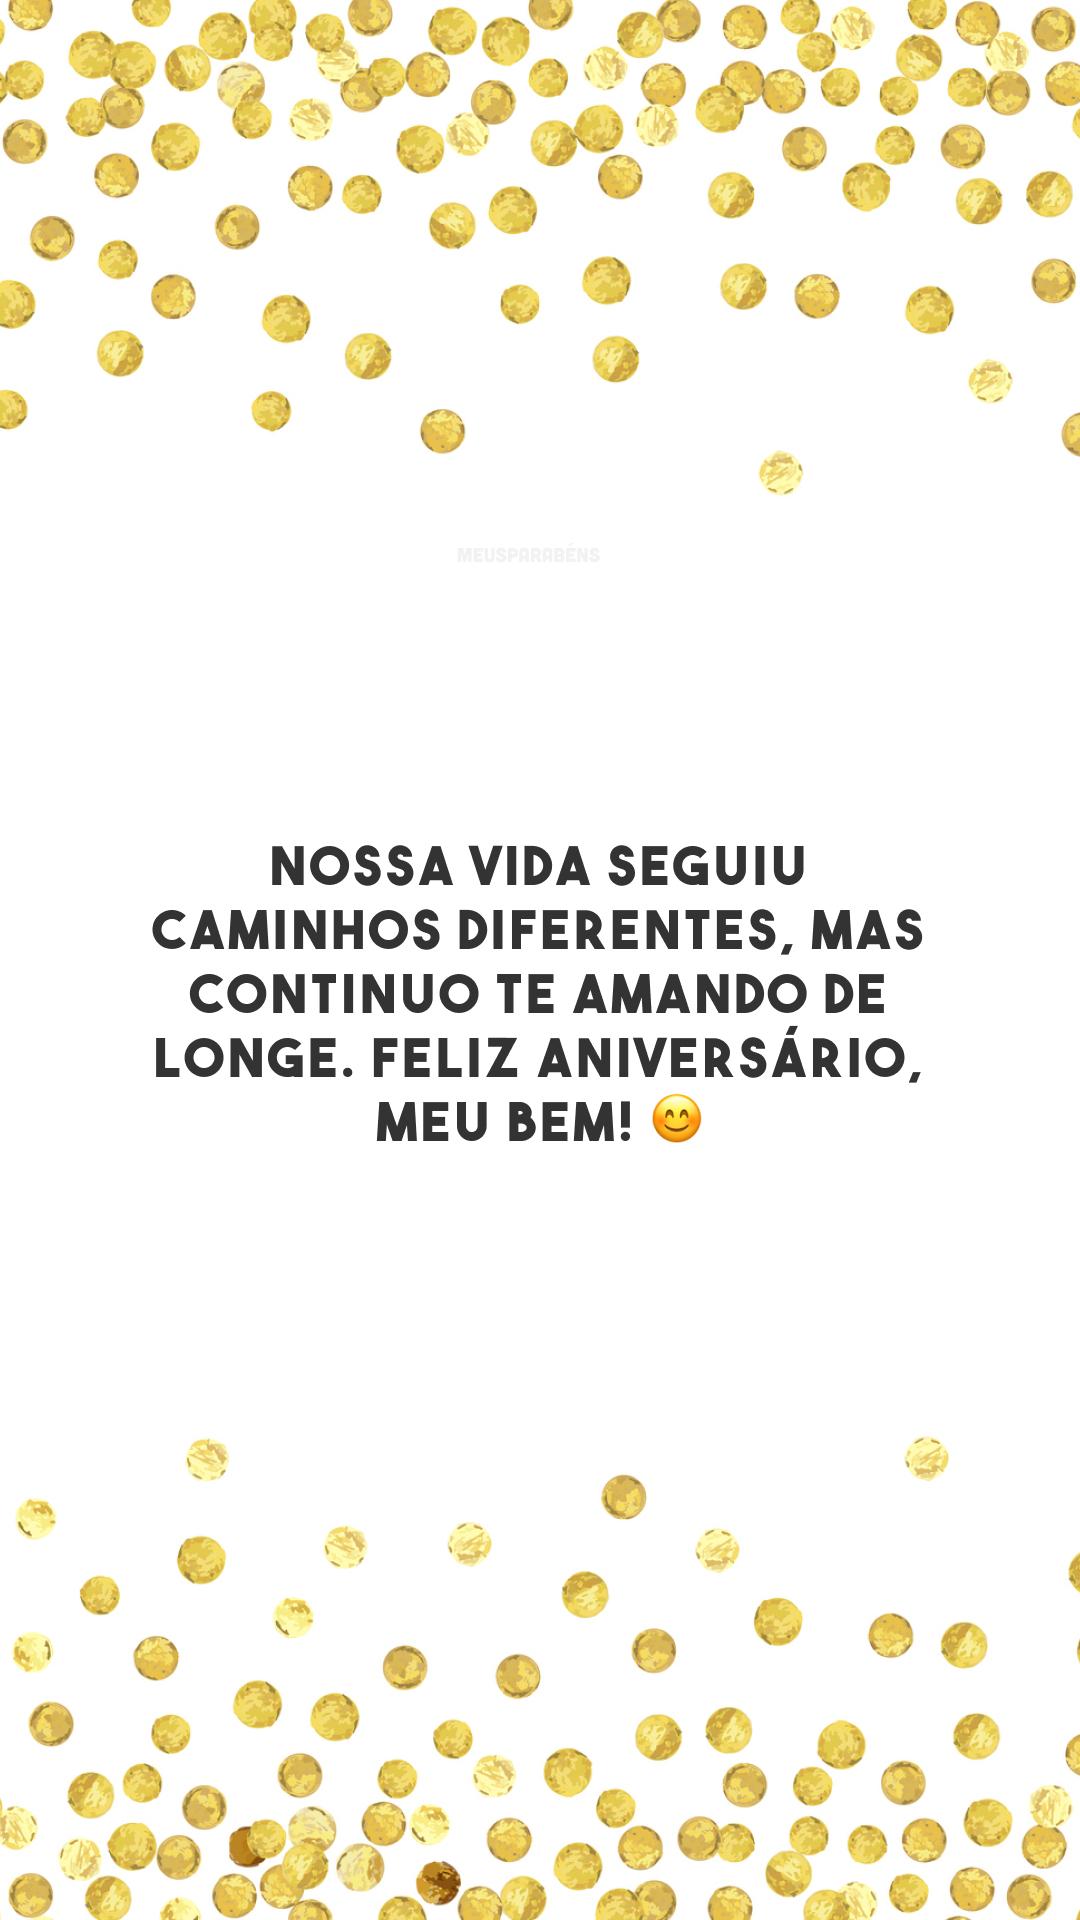 Nossa vida seguiu caminhos diferentes, mas continuo te amando de longe. Feliz aniversário, meu bem! 😊